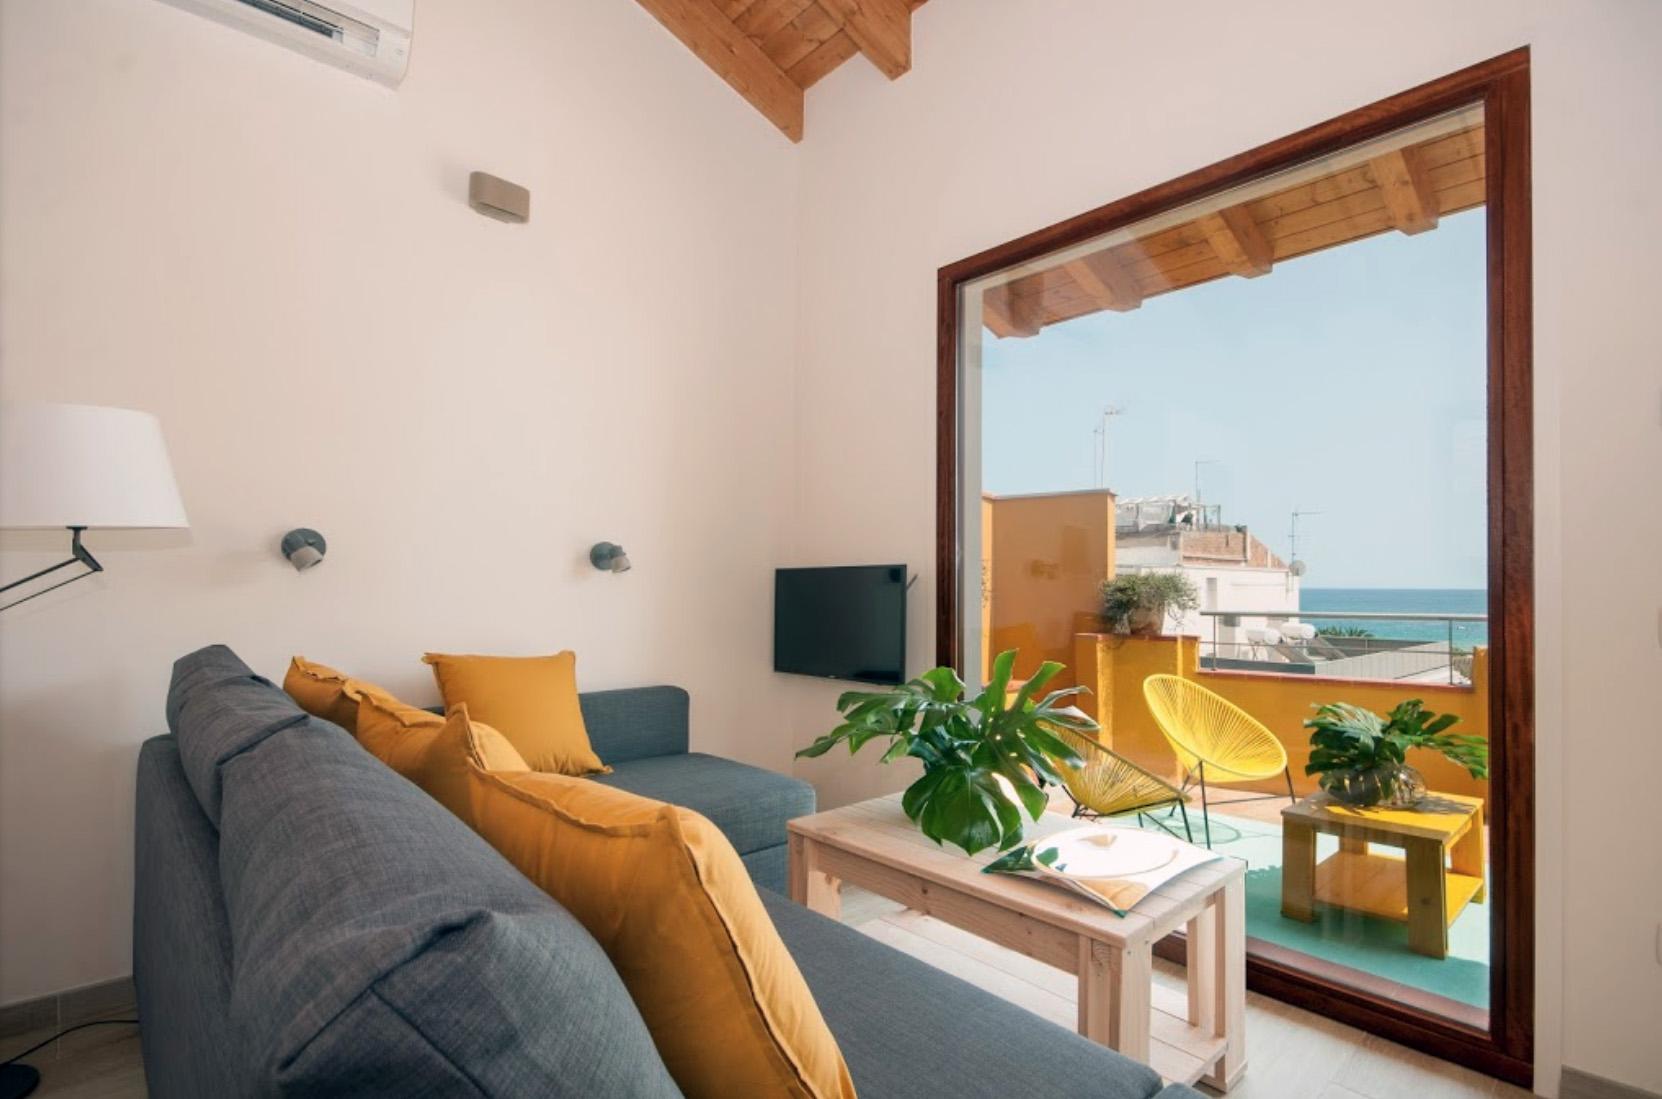 Muebles LUFE madera natural